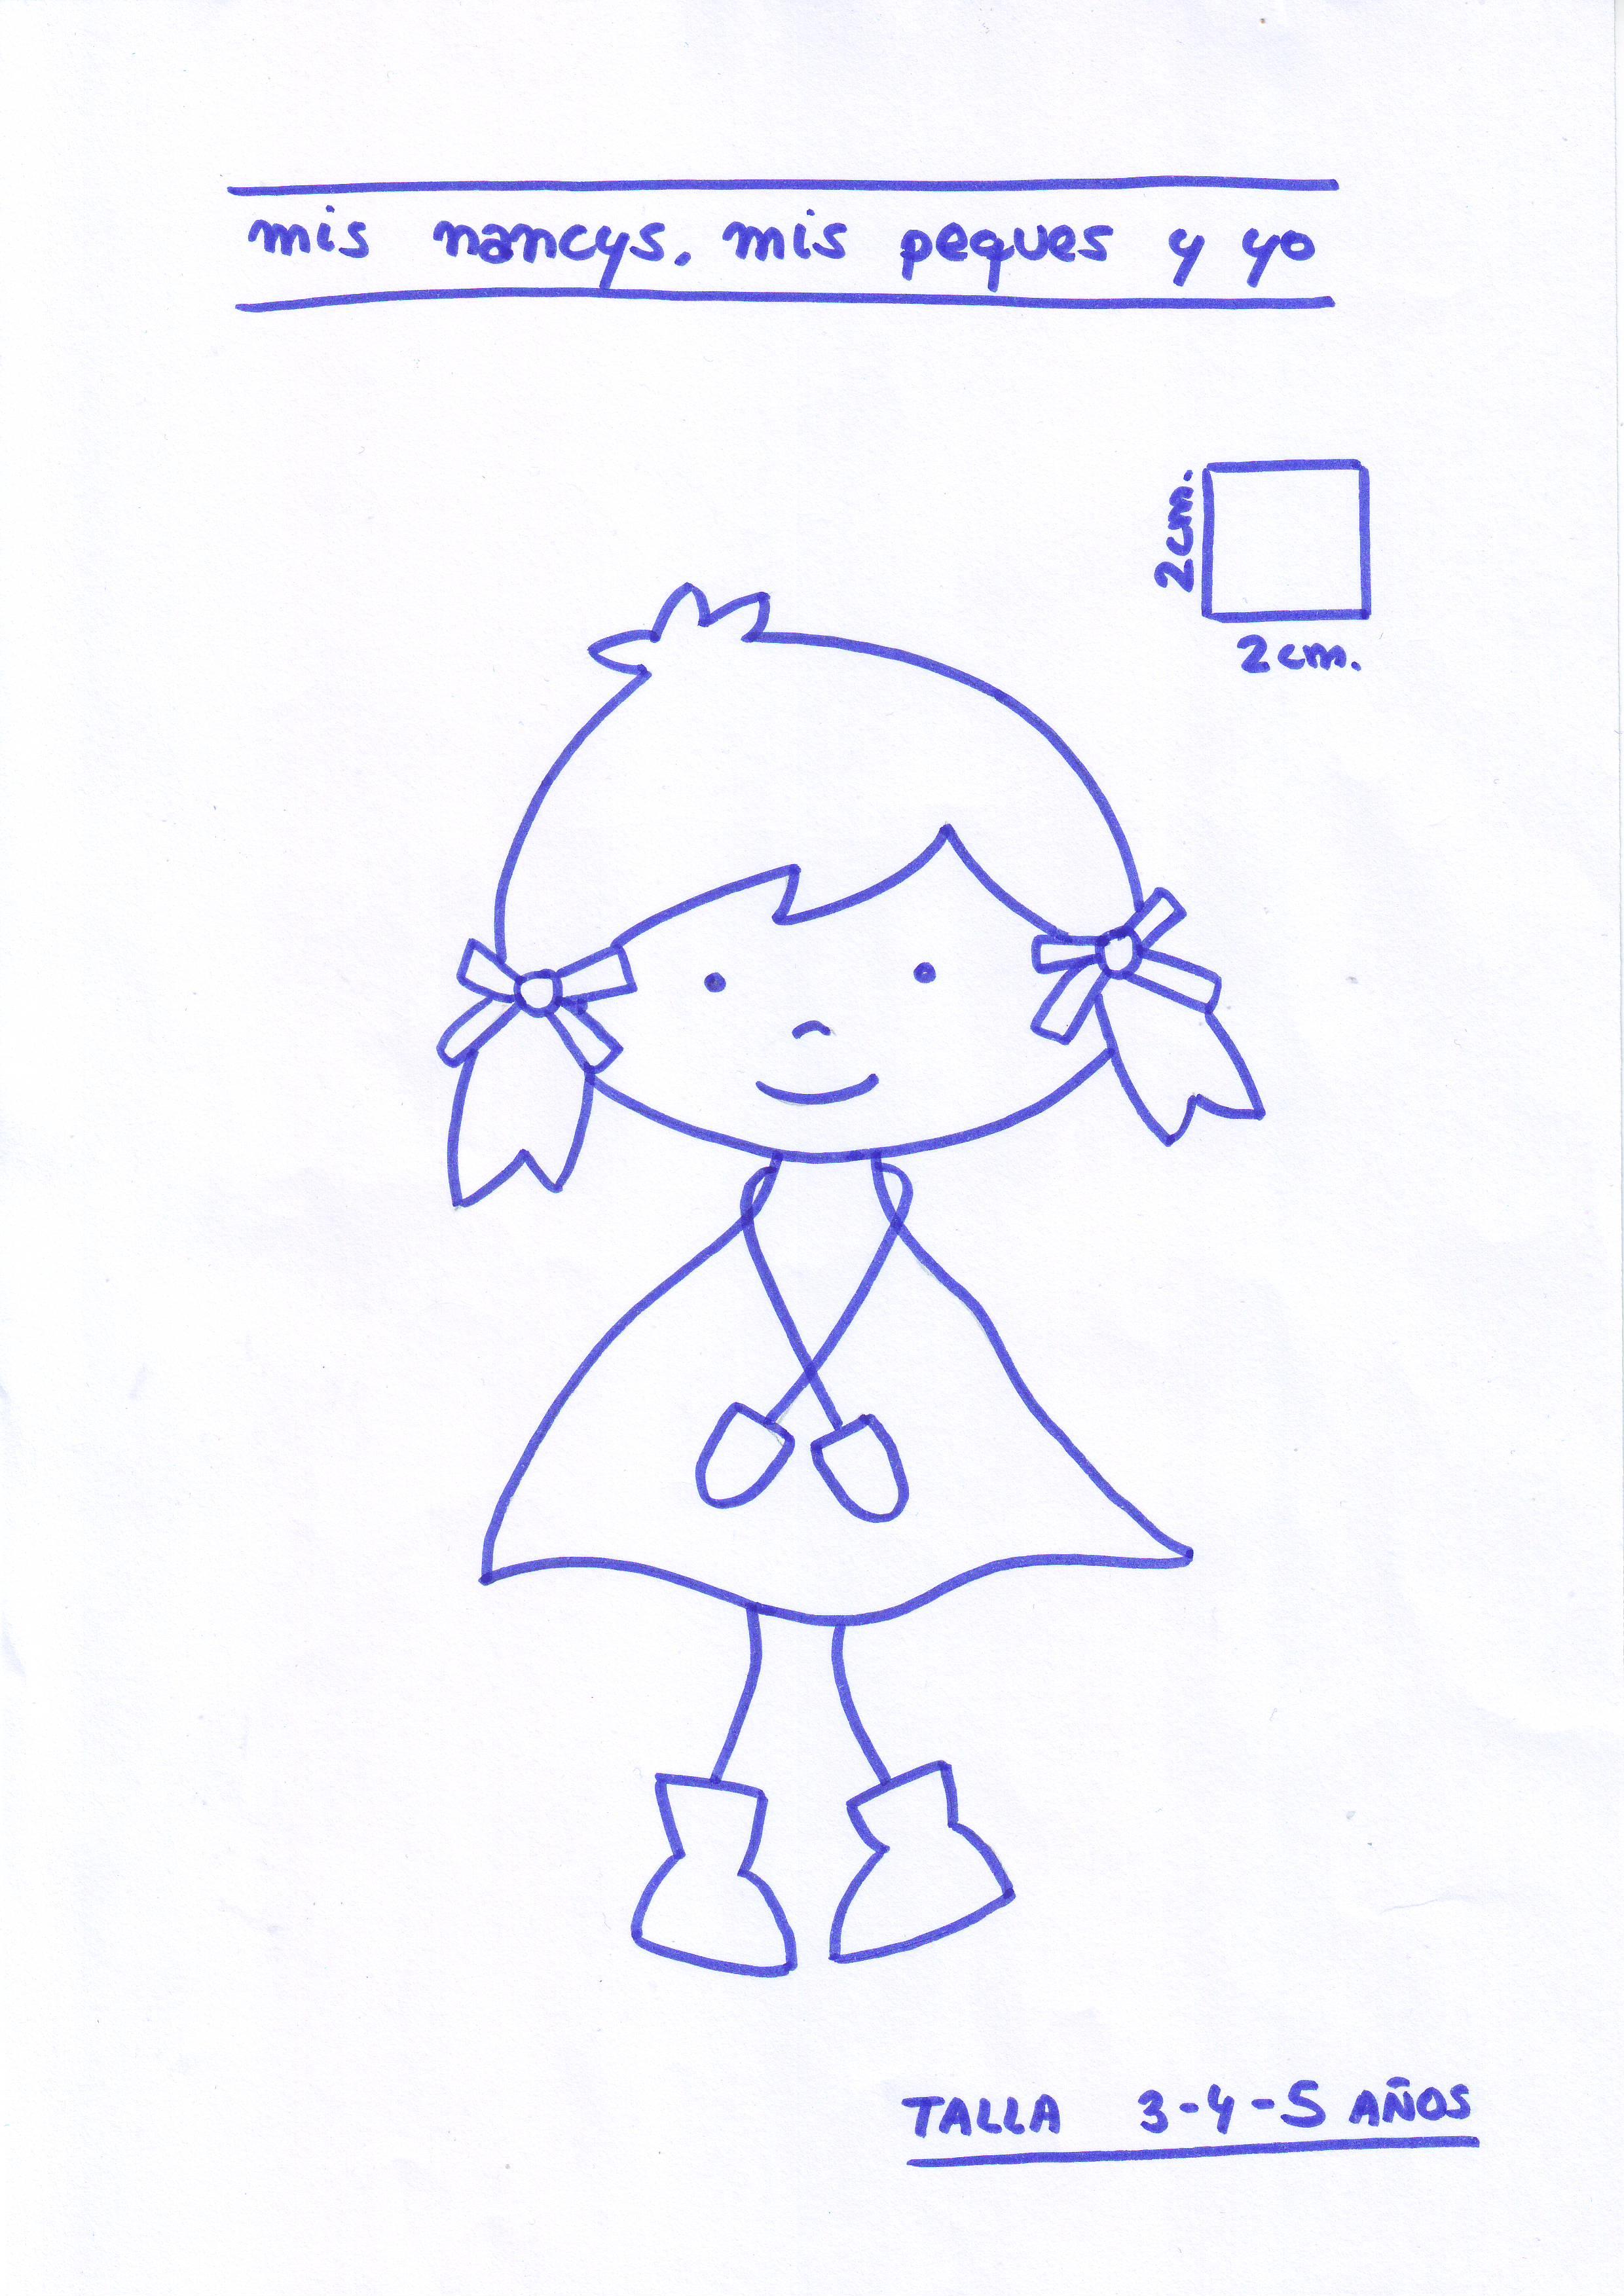 mis nancys, mis peques y yo, tutorial aplique en camiseta muñequita linda, Patrón muñequita TALLA 3,4,5